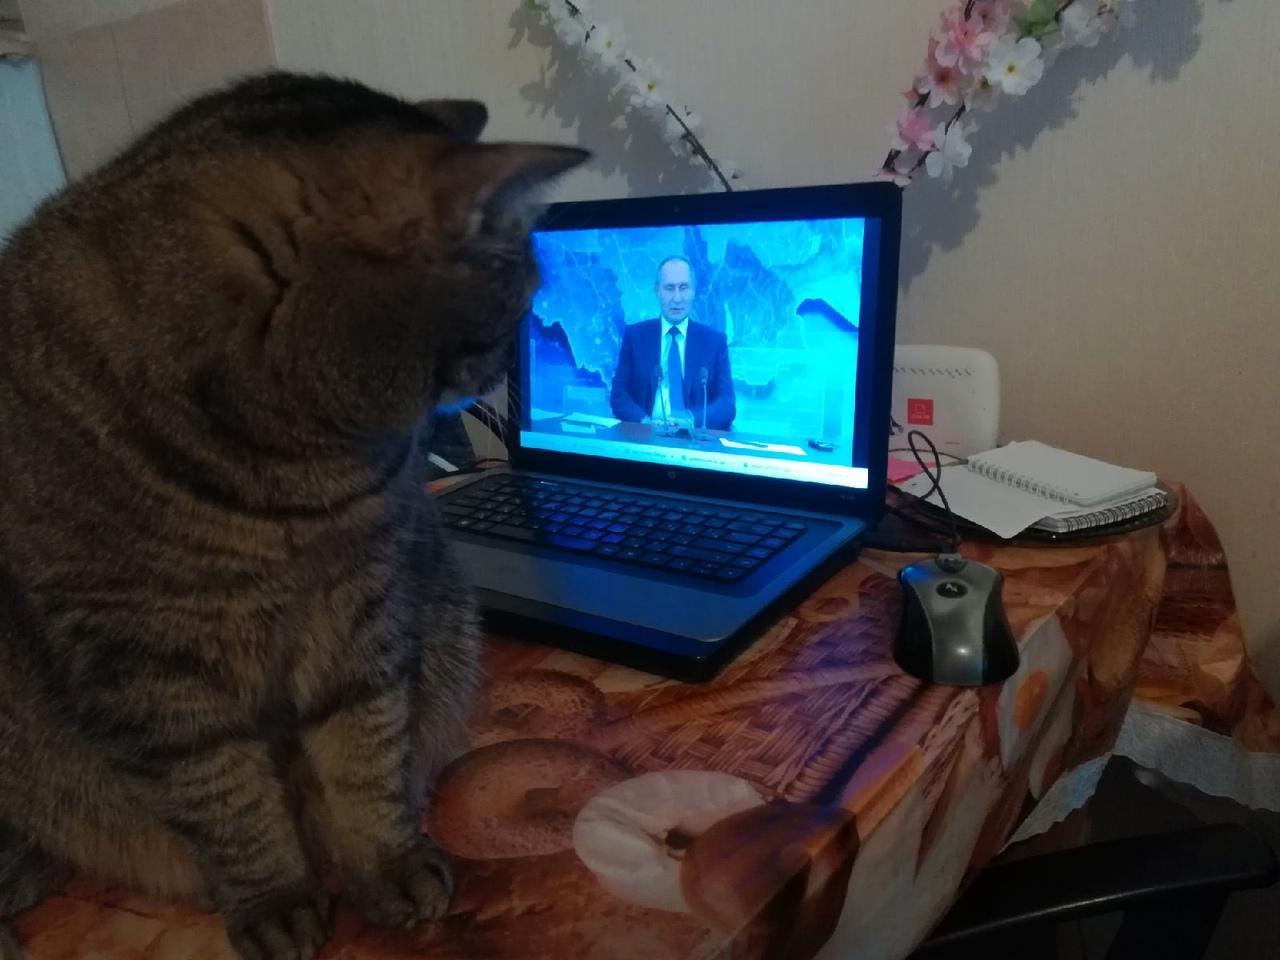 Фото Путин на экране: как котики, депутаты и дольщики в Новосибирске смотрят большую пресс-конференцию президента 11